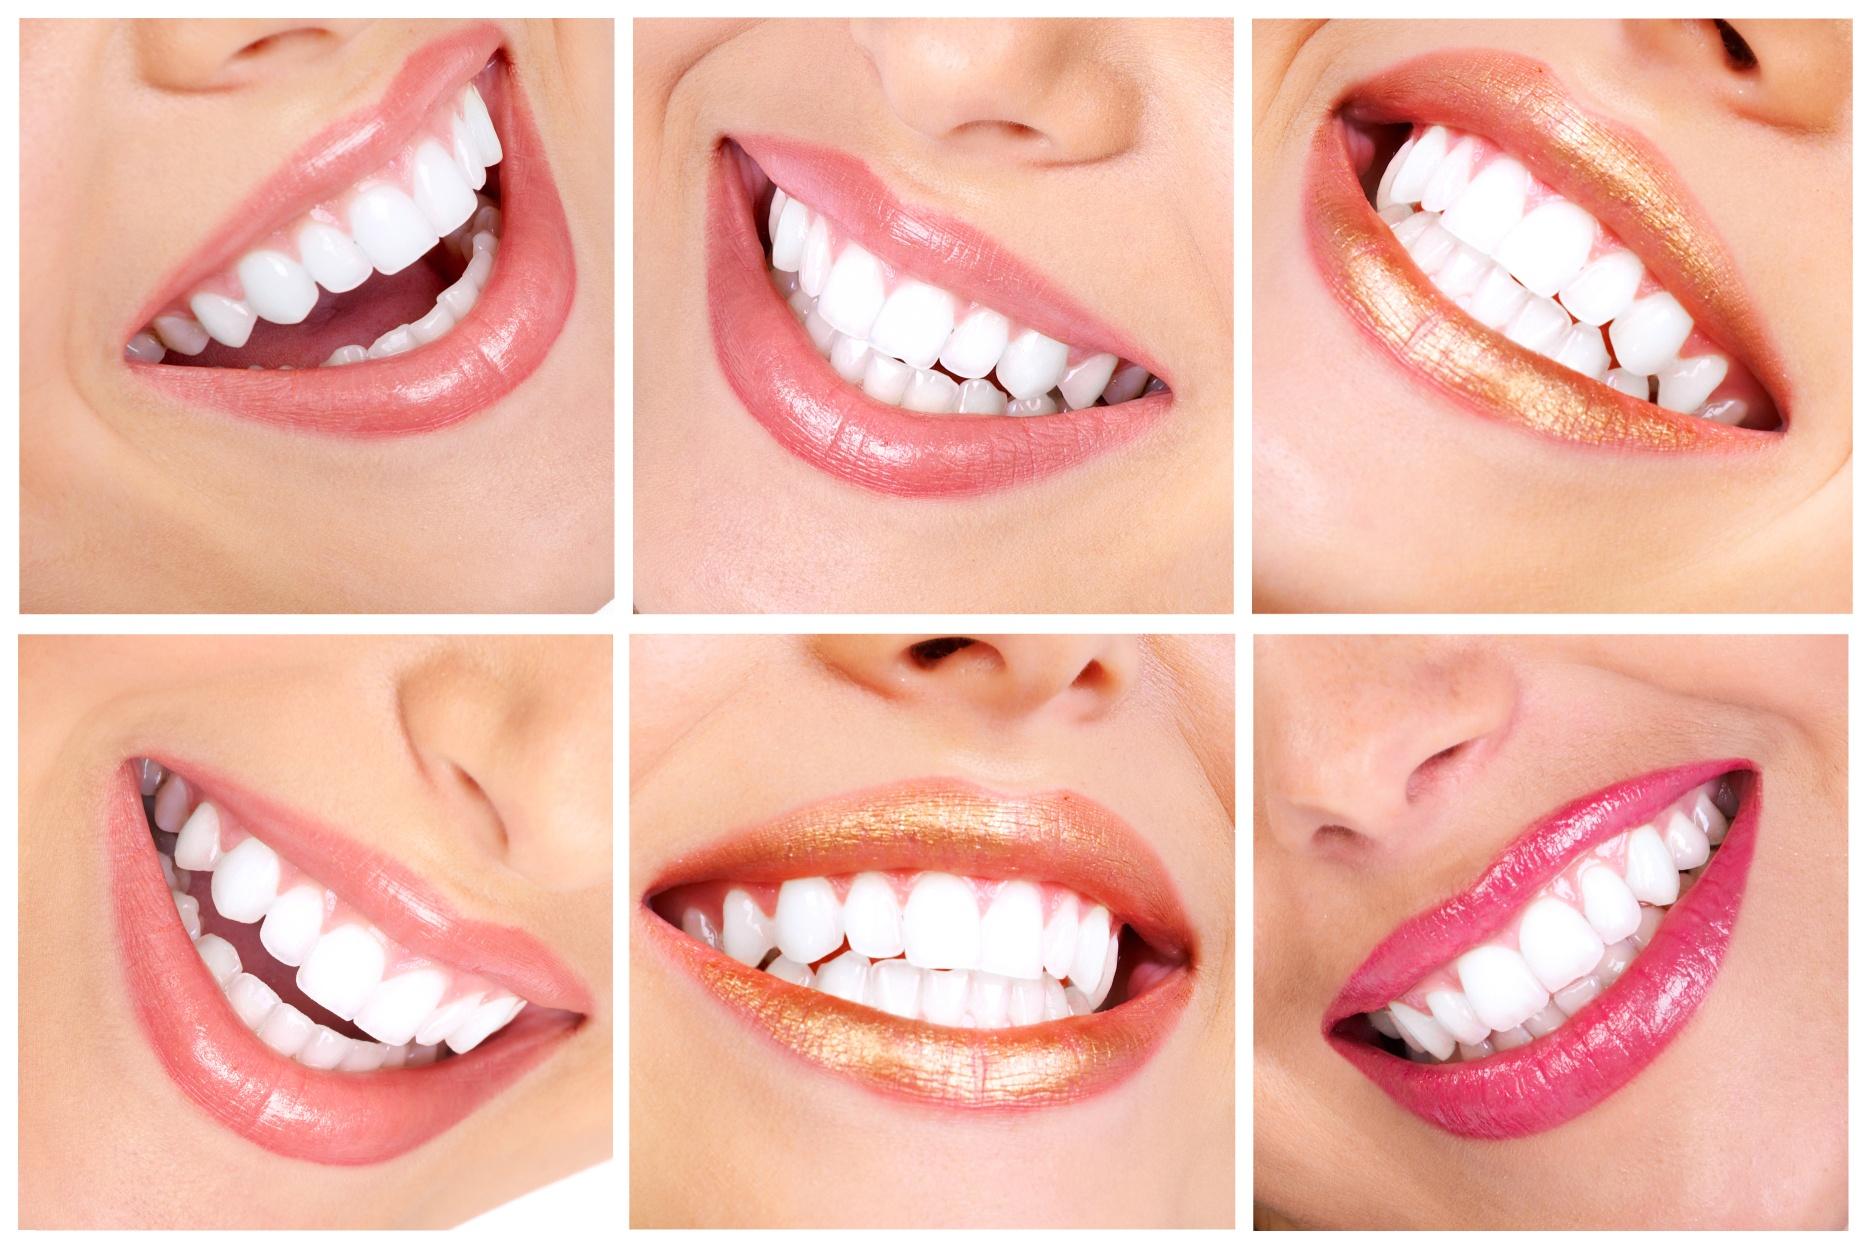 multi-smile_dental